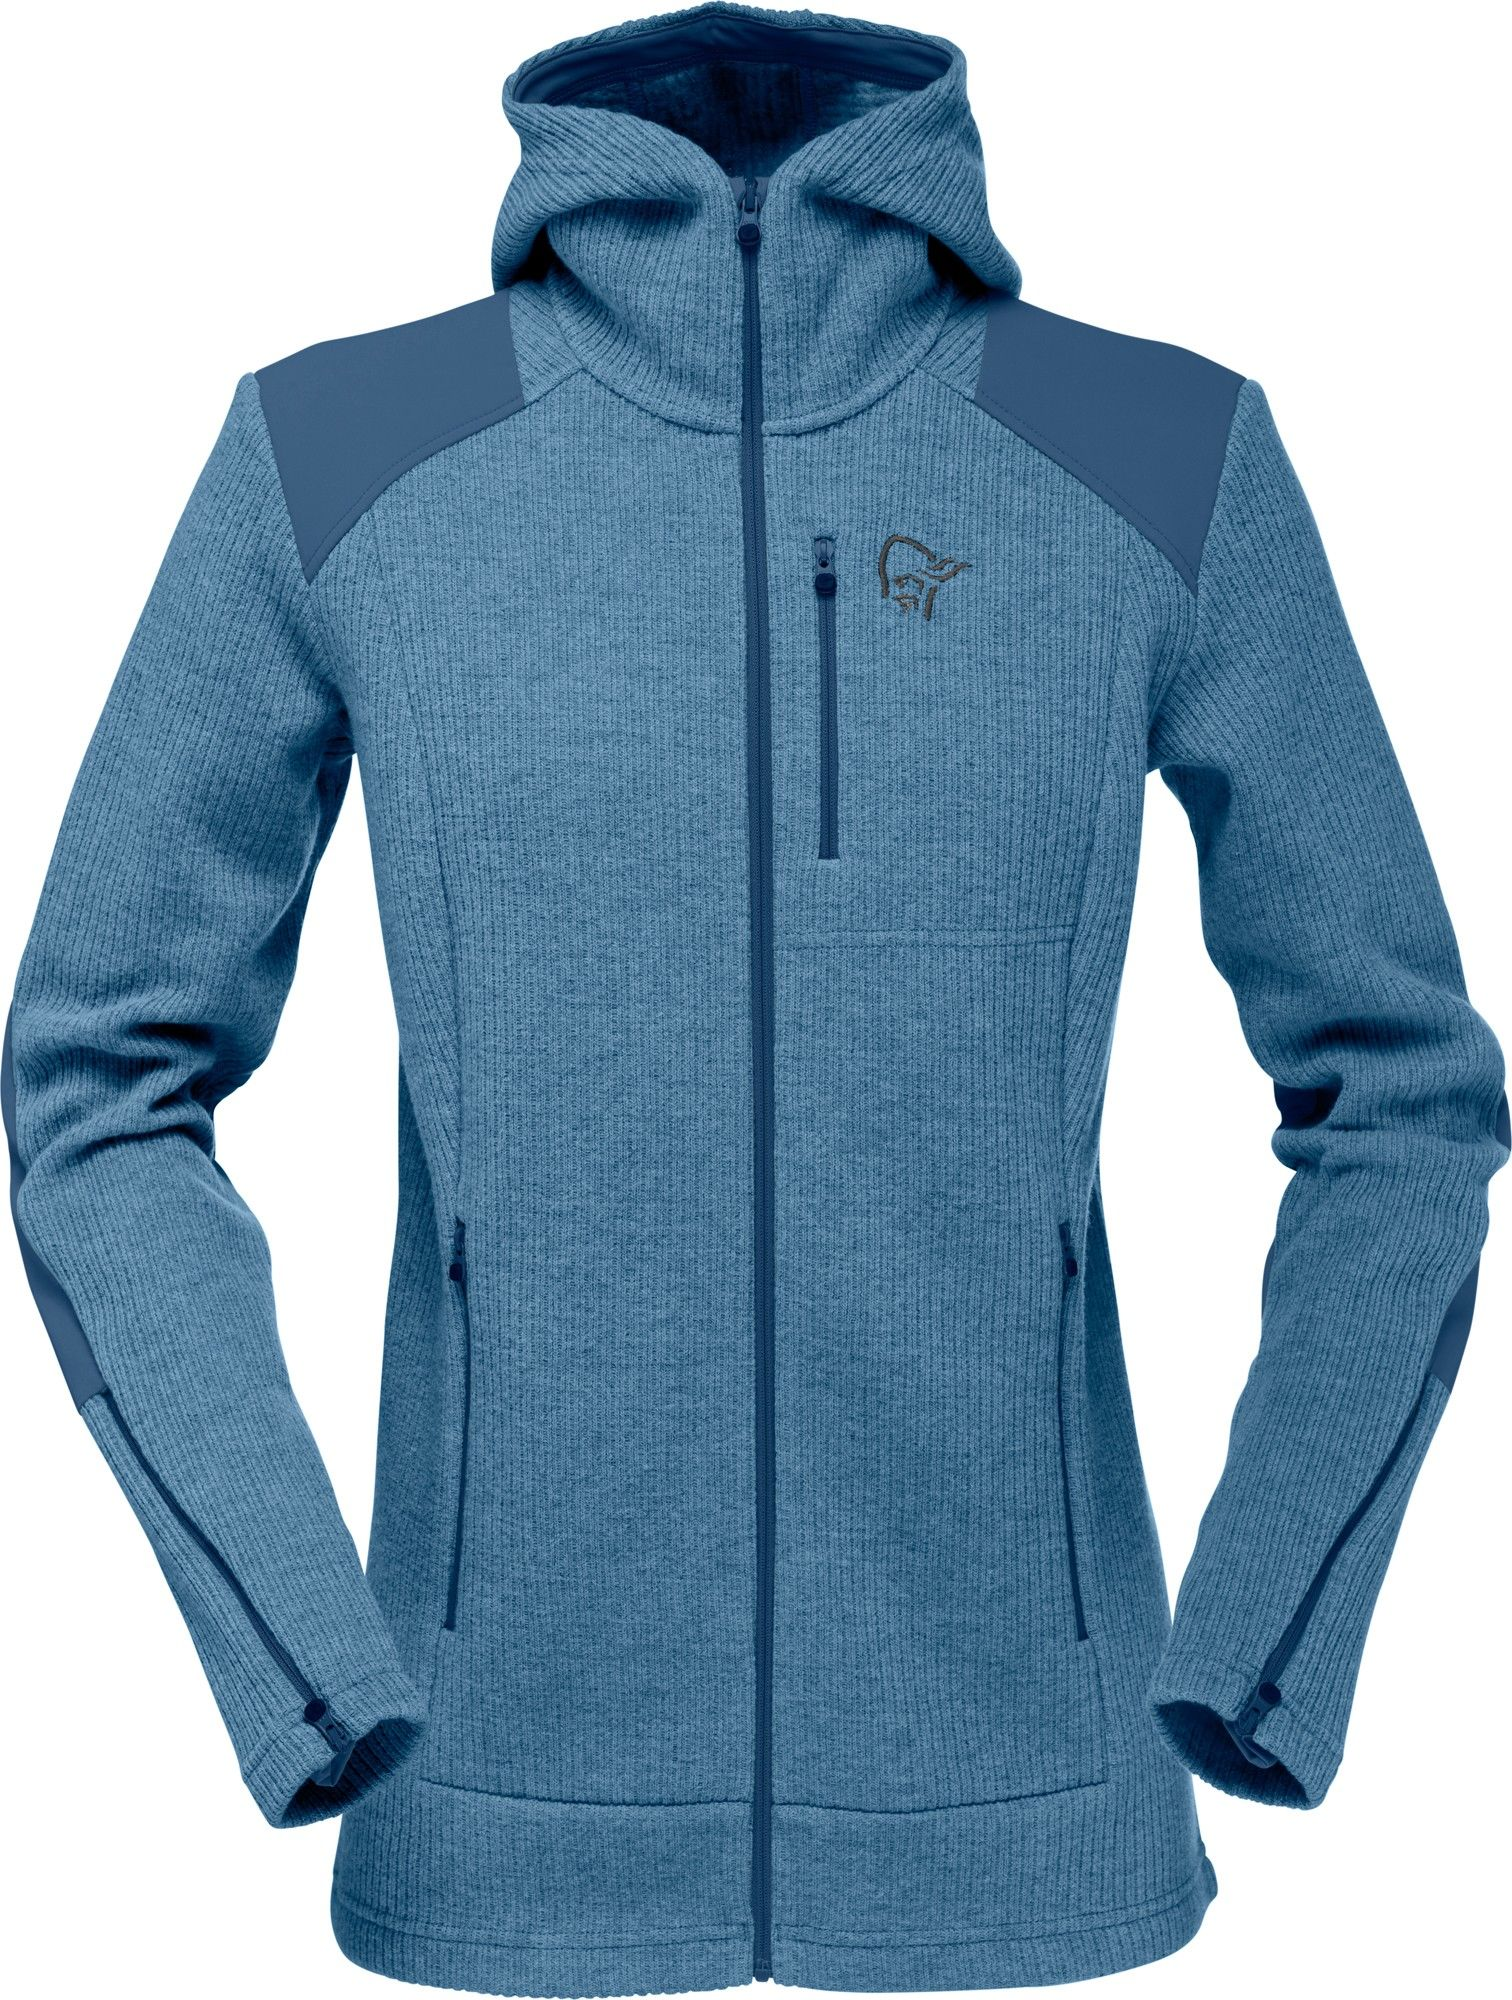 Norrona Tamok Warm/Wool2 Zip Hood Blau, Female Freizeitjacke, S